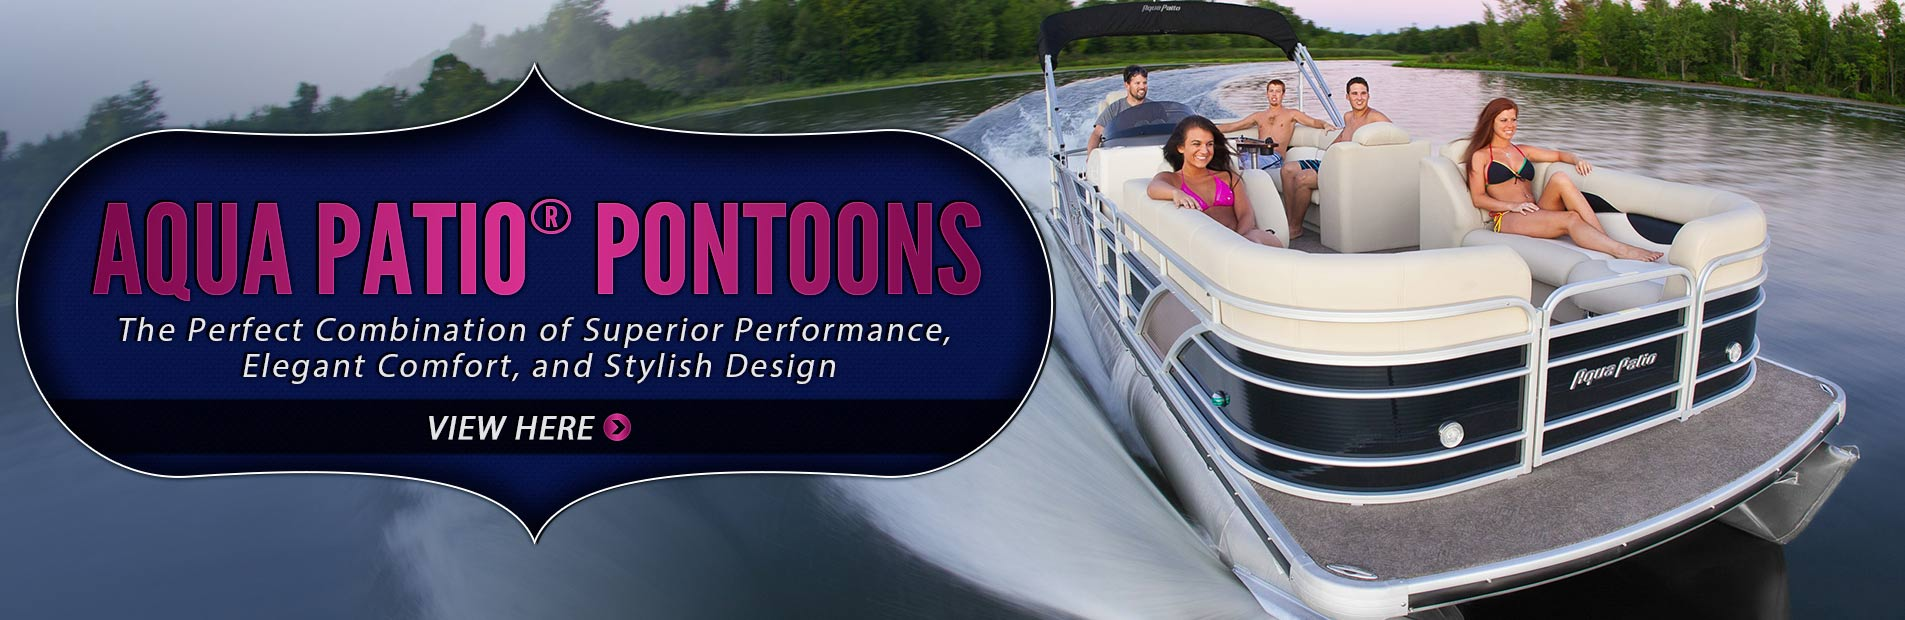 Click here to view the 2013 Aqua Patio® pontoons.